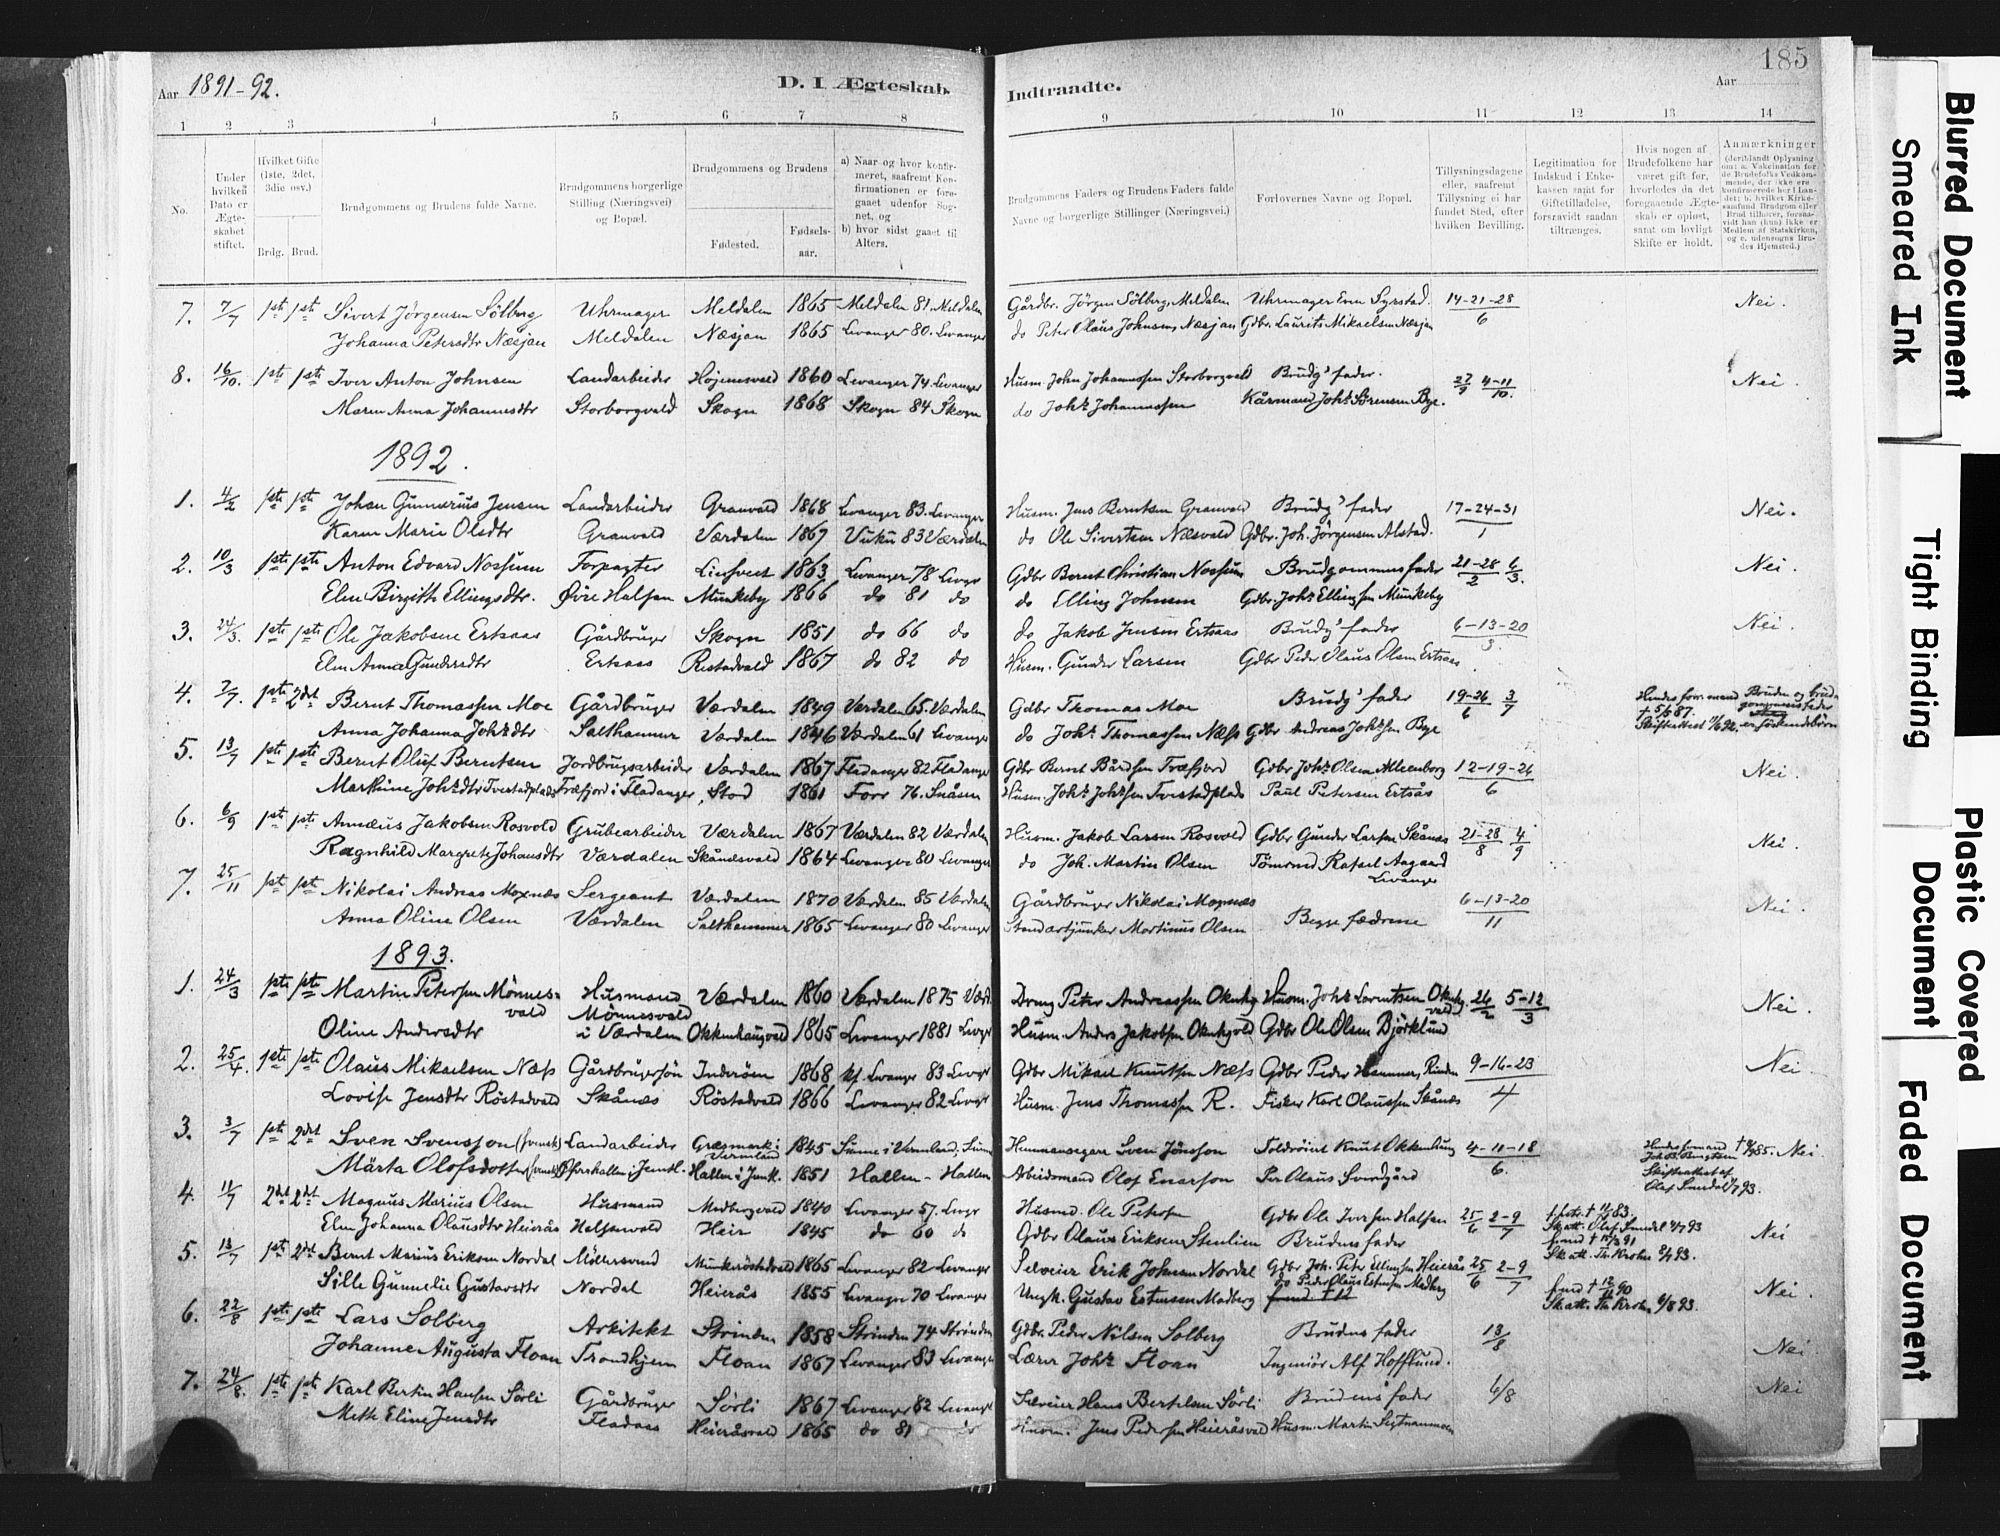 SAT, Ministerialprotokoller, klokkerbøker og fødselsregistre - Nord-Trøndelag, 721/L0207: Ministerialbok nr. 721A02, 1880-1911, s. 185